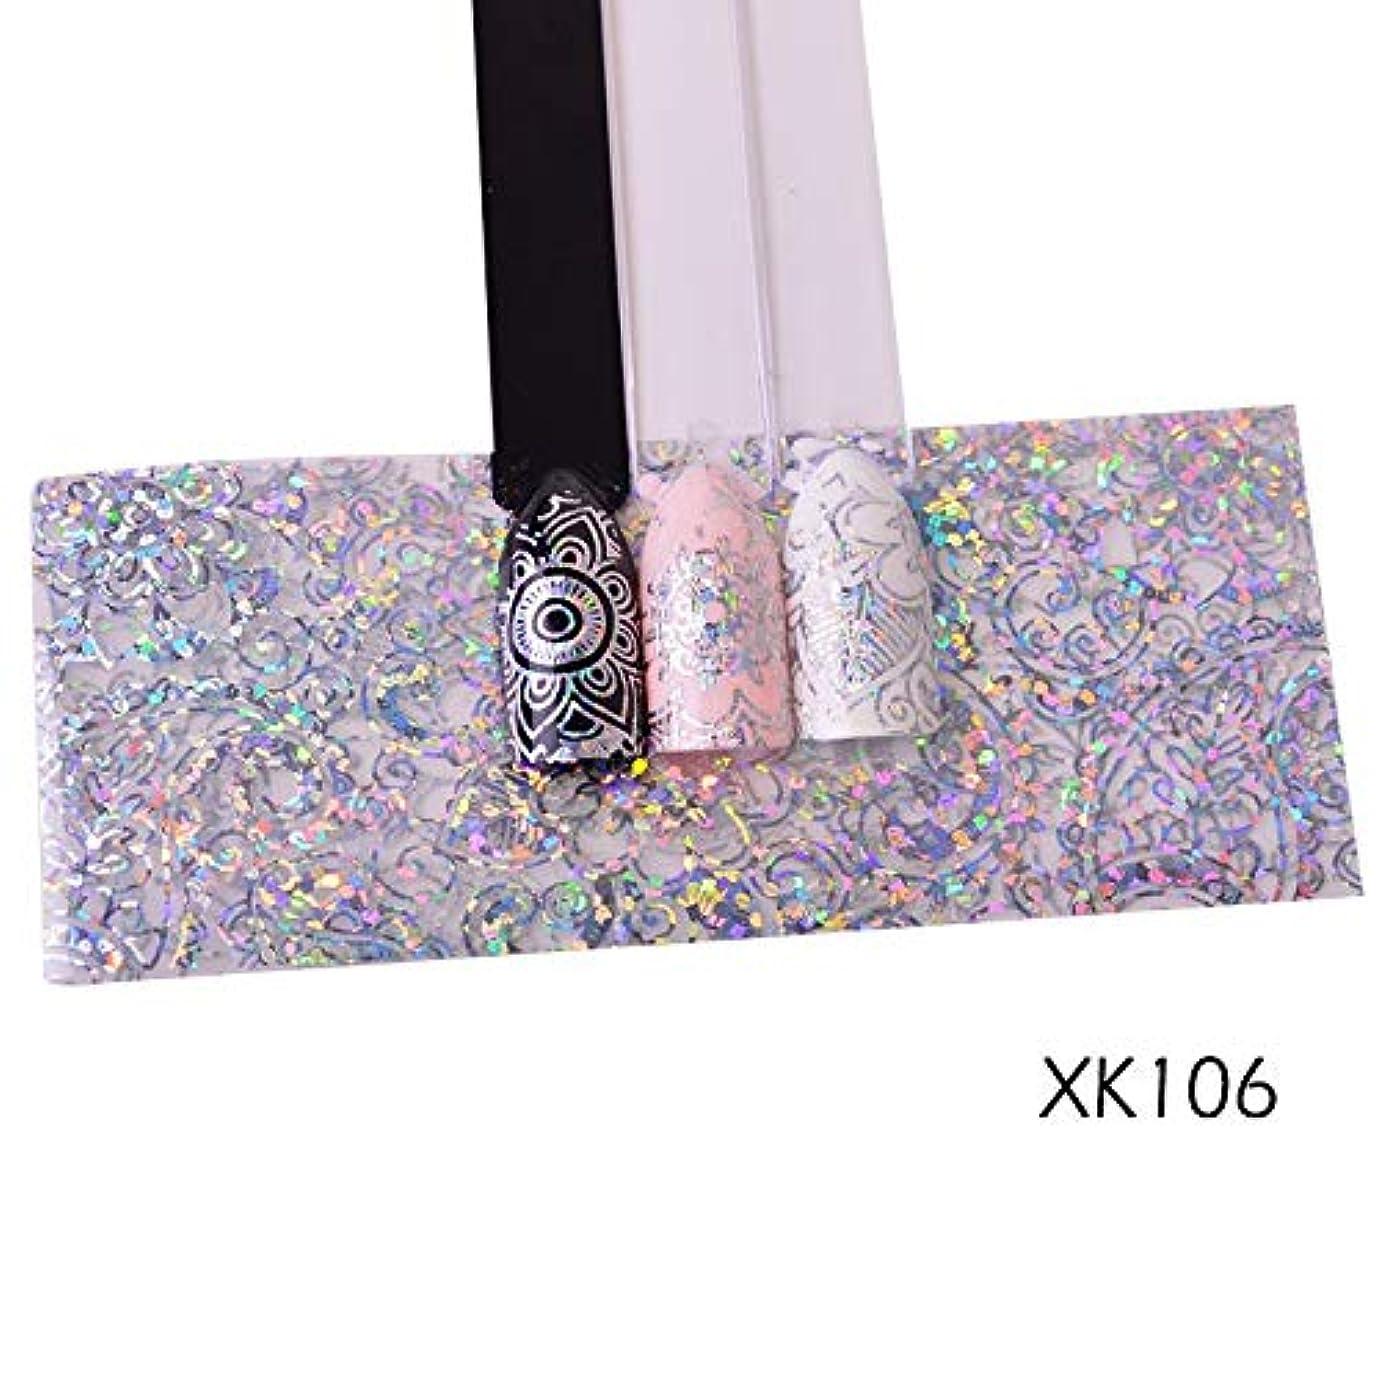 チロ構造超える100センチレーザーネイル箔ステッカーホログラフィック花光沢のあるデザイン星空転写紙マニキュアネイルアートの装飾SAXK98-109 XK106